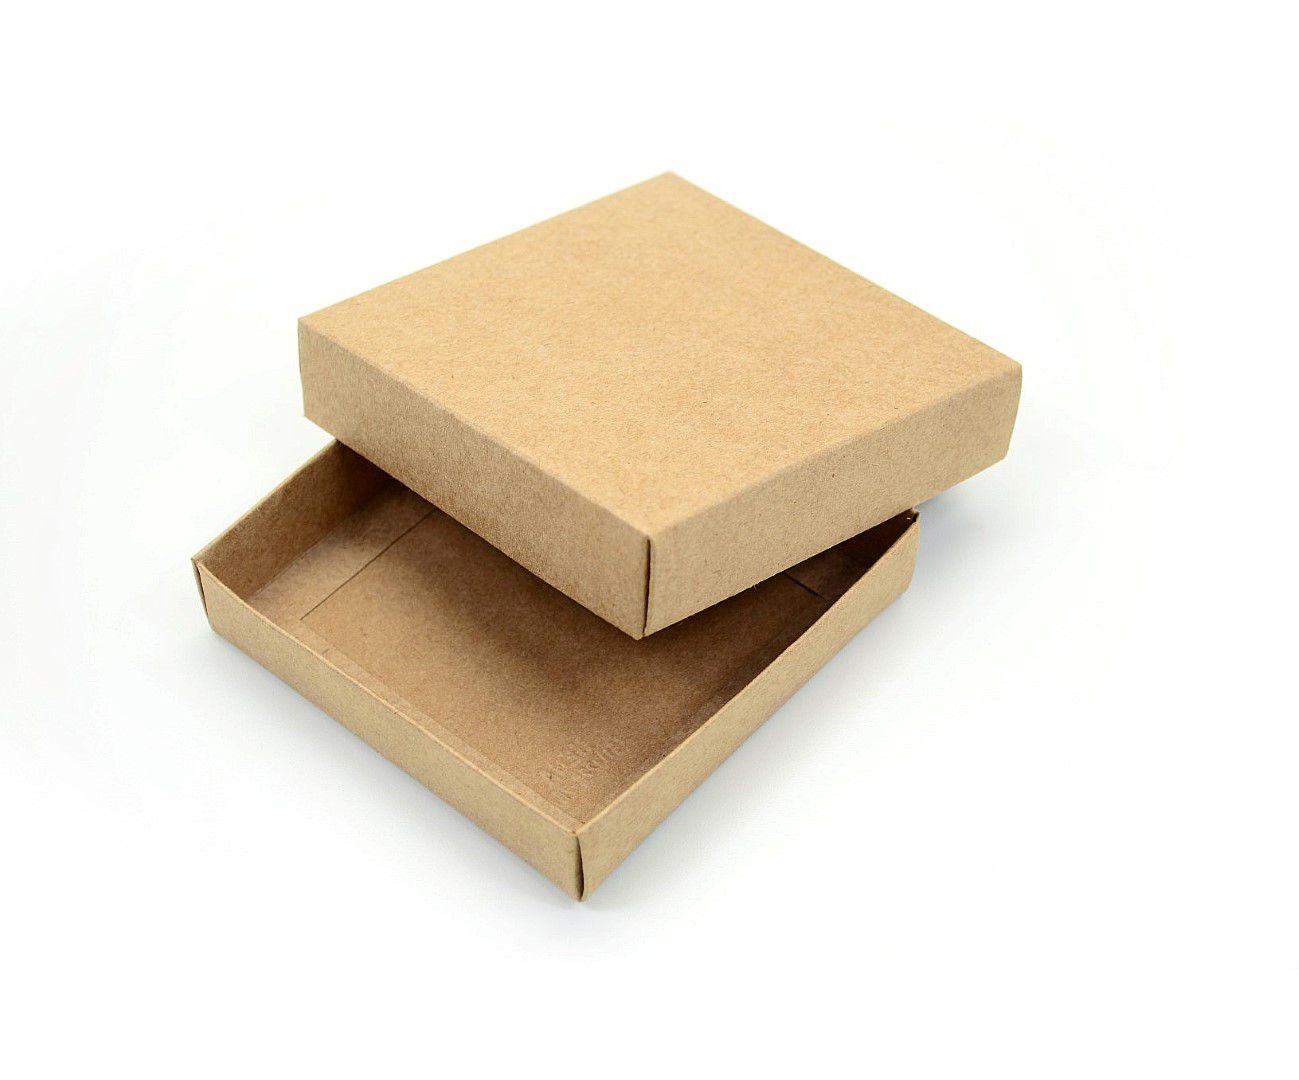 Ref 013 Kraft - Caixa Quadrada - 11x11x2,5 cm - c/ 10 unidades